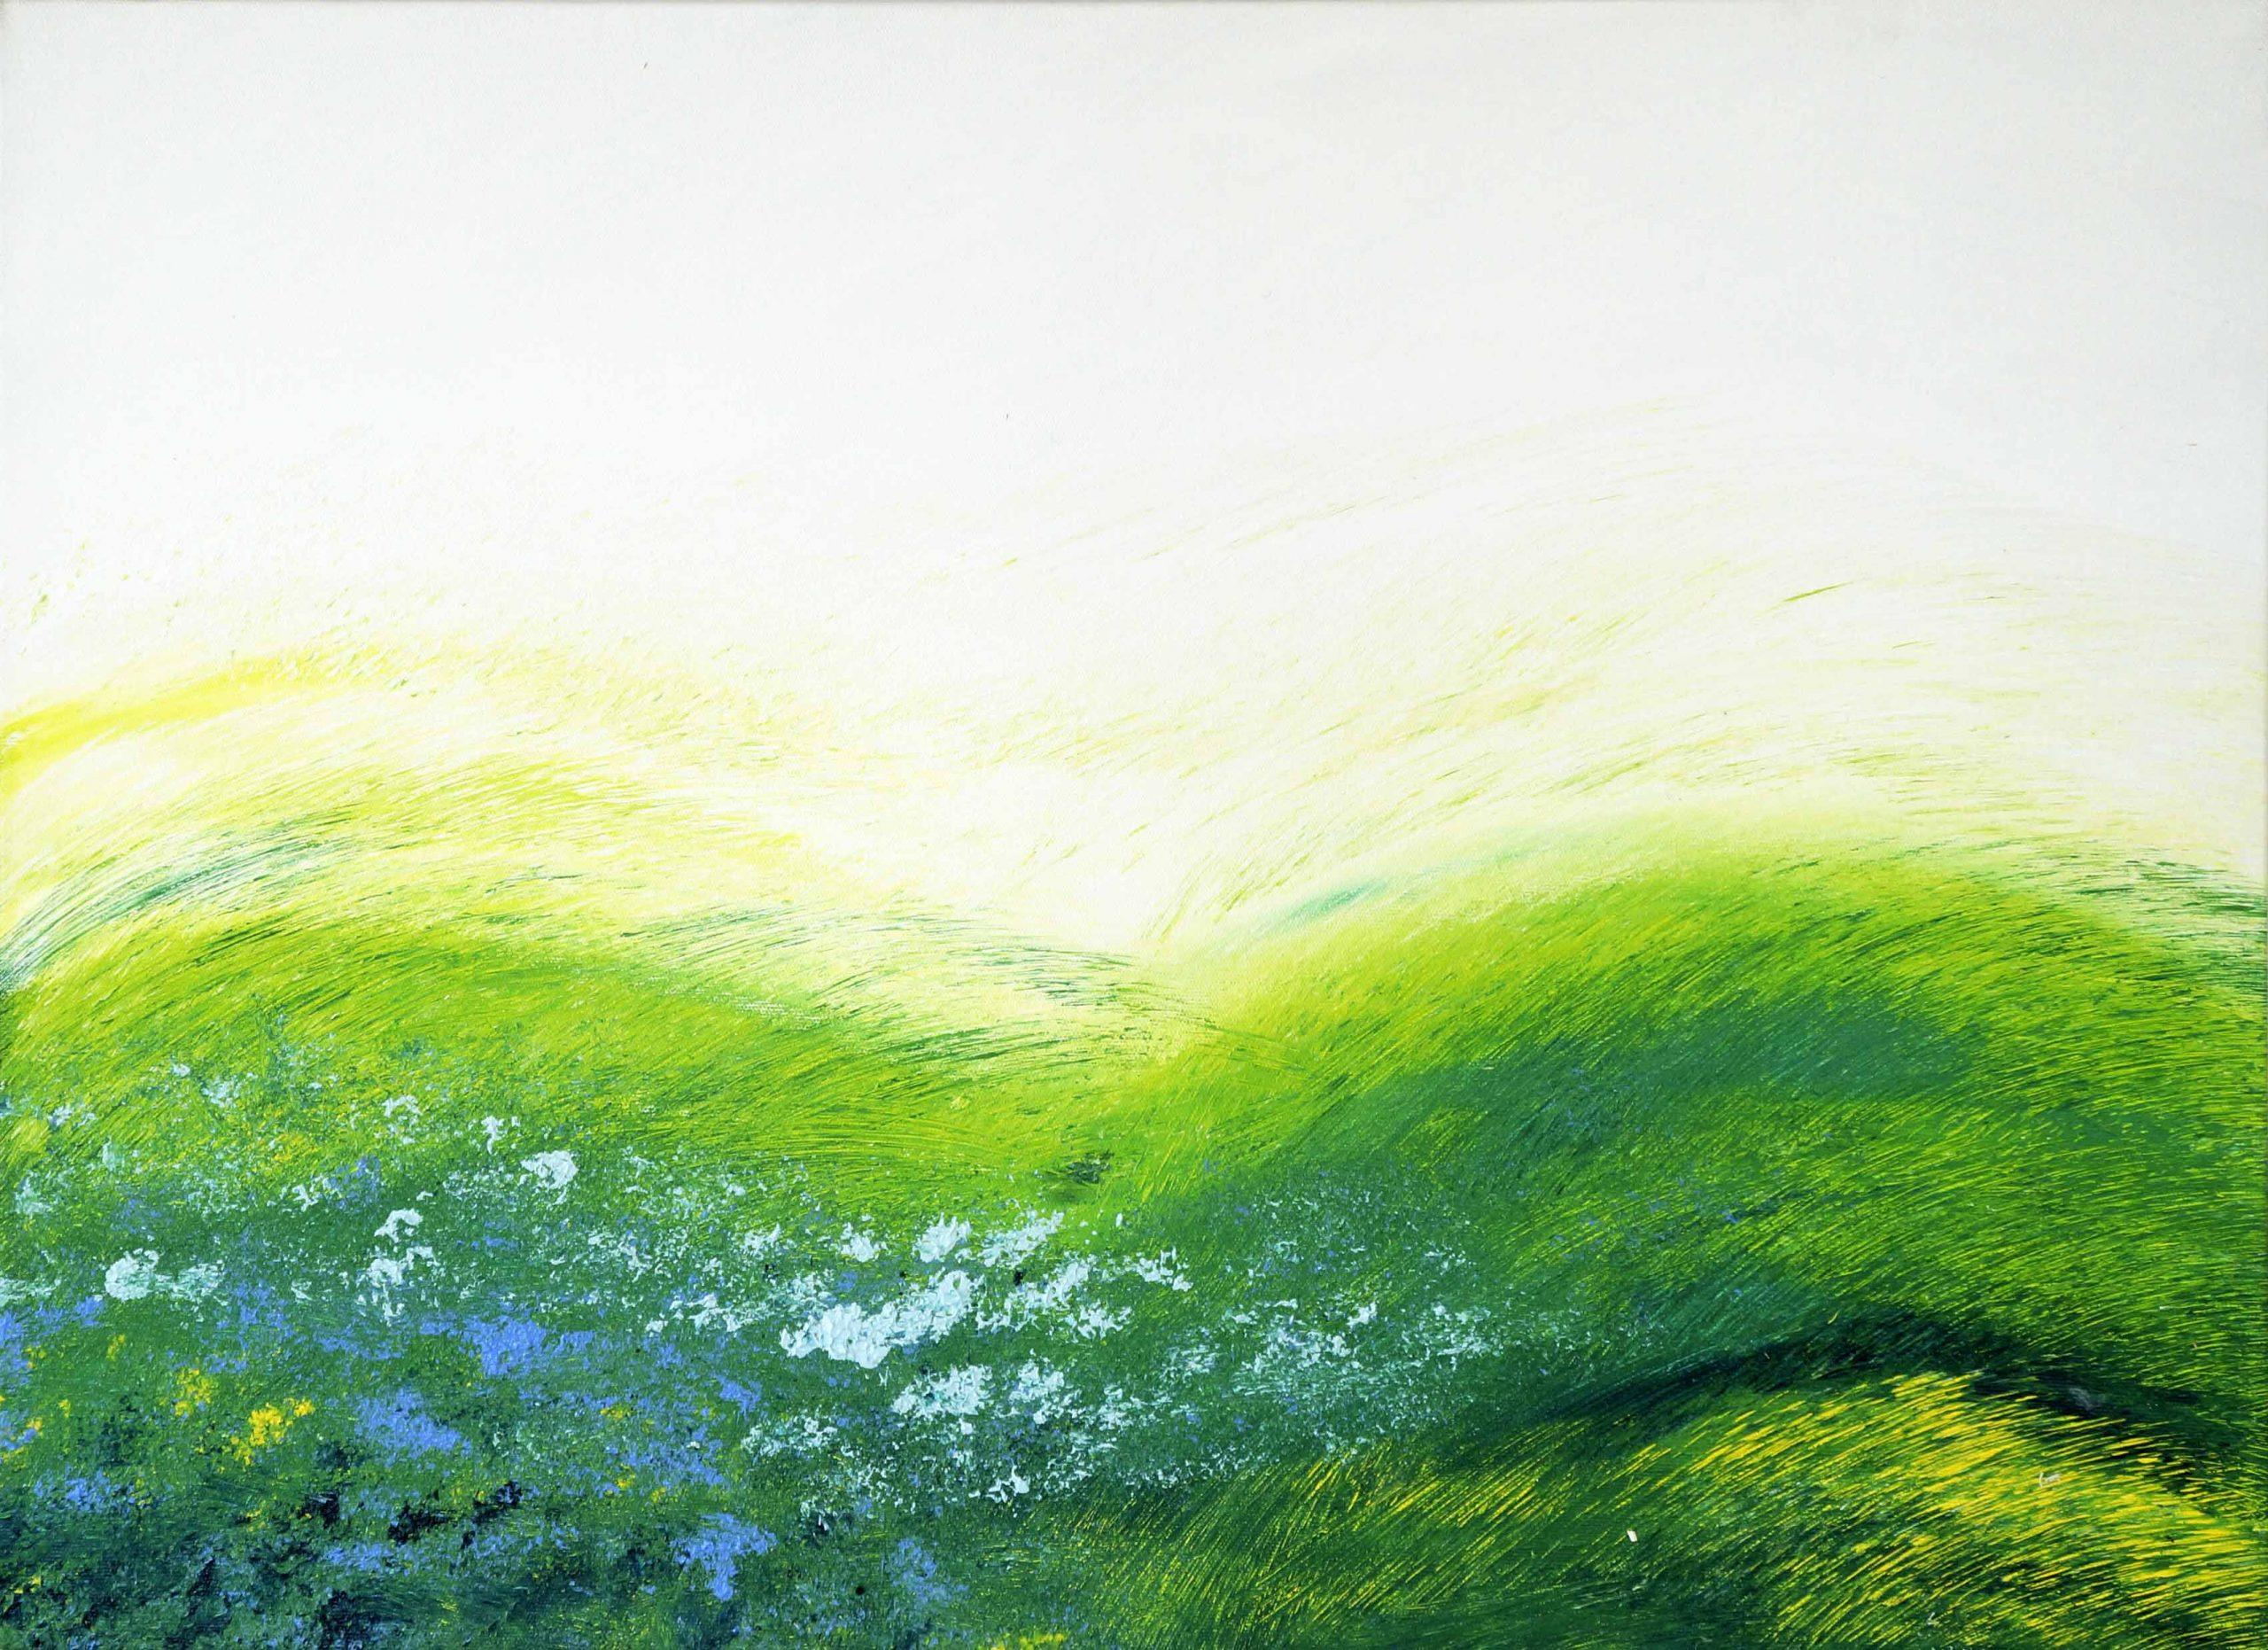 Acrílica sobre tela - 58,3 x 79,3 cm (2016)